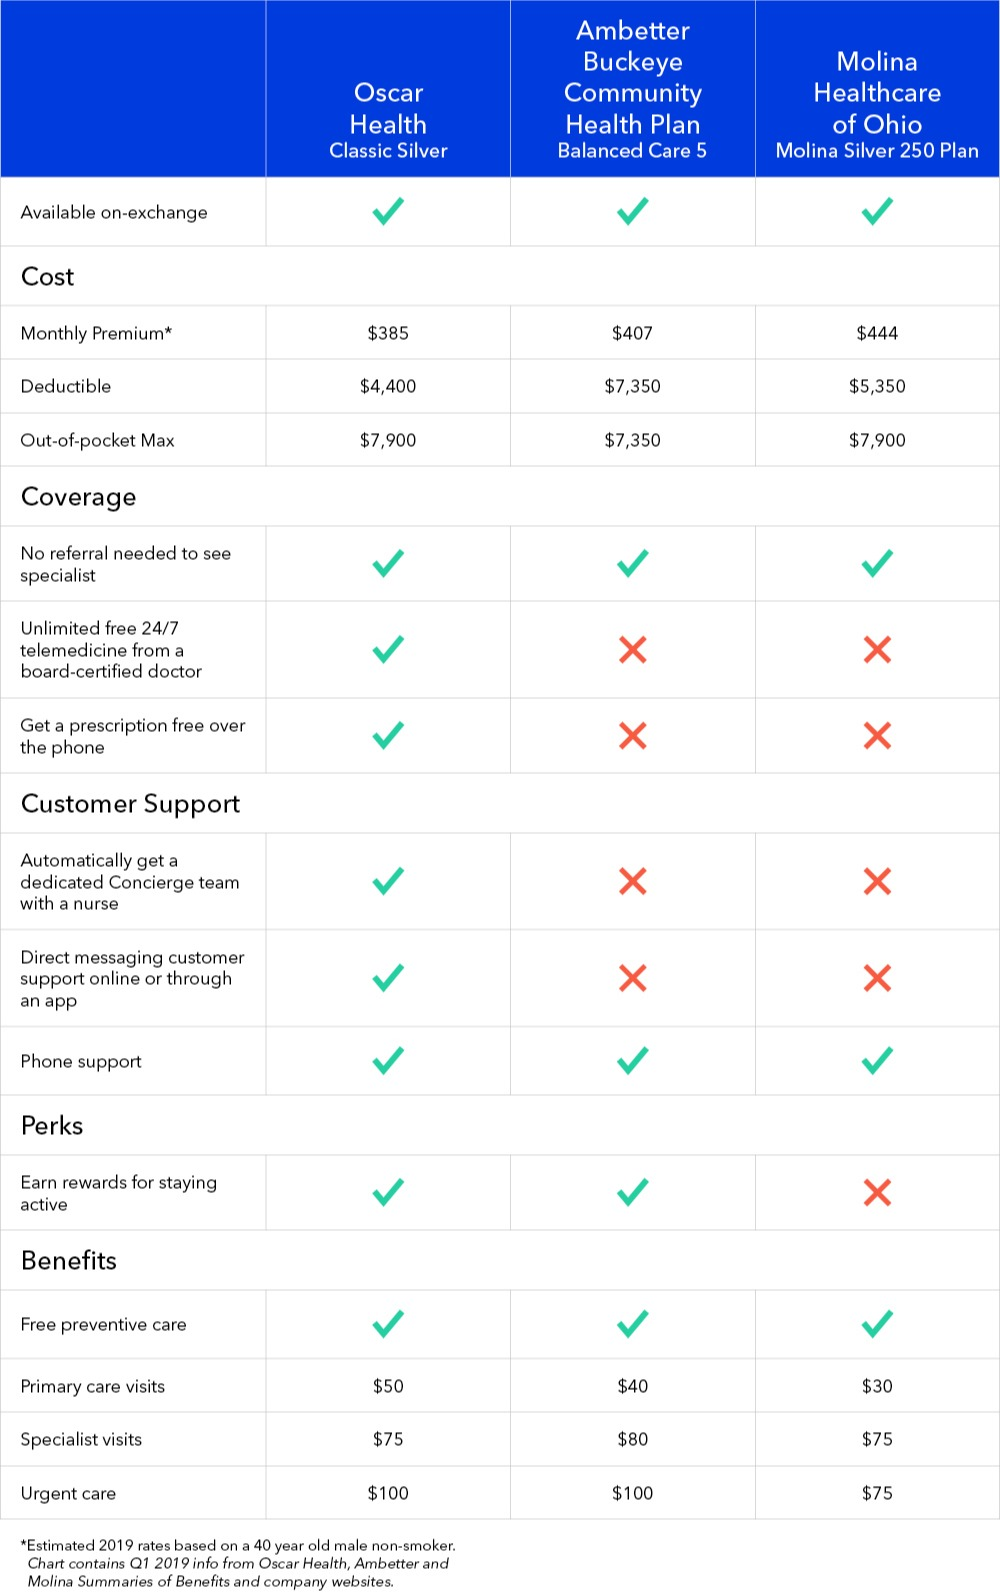 Health Insurance Company Comparison Oscar Vs Ambetter Vs Molina